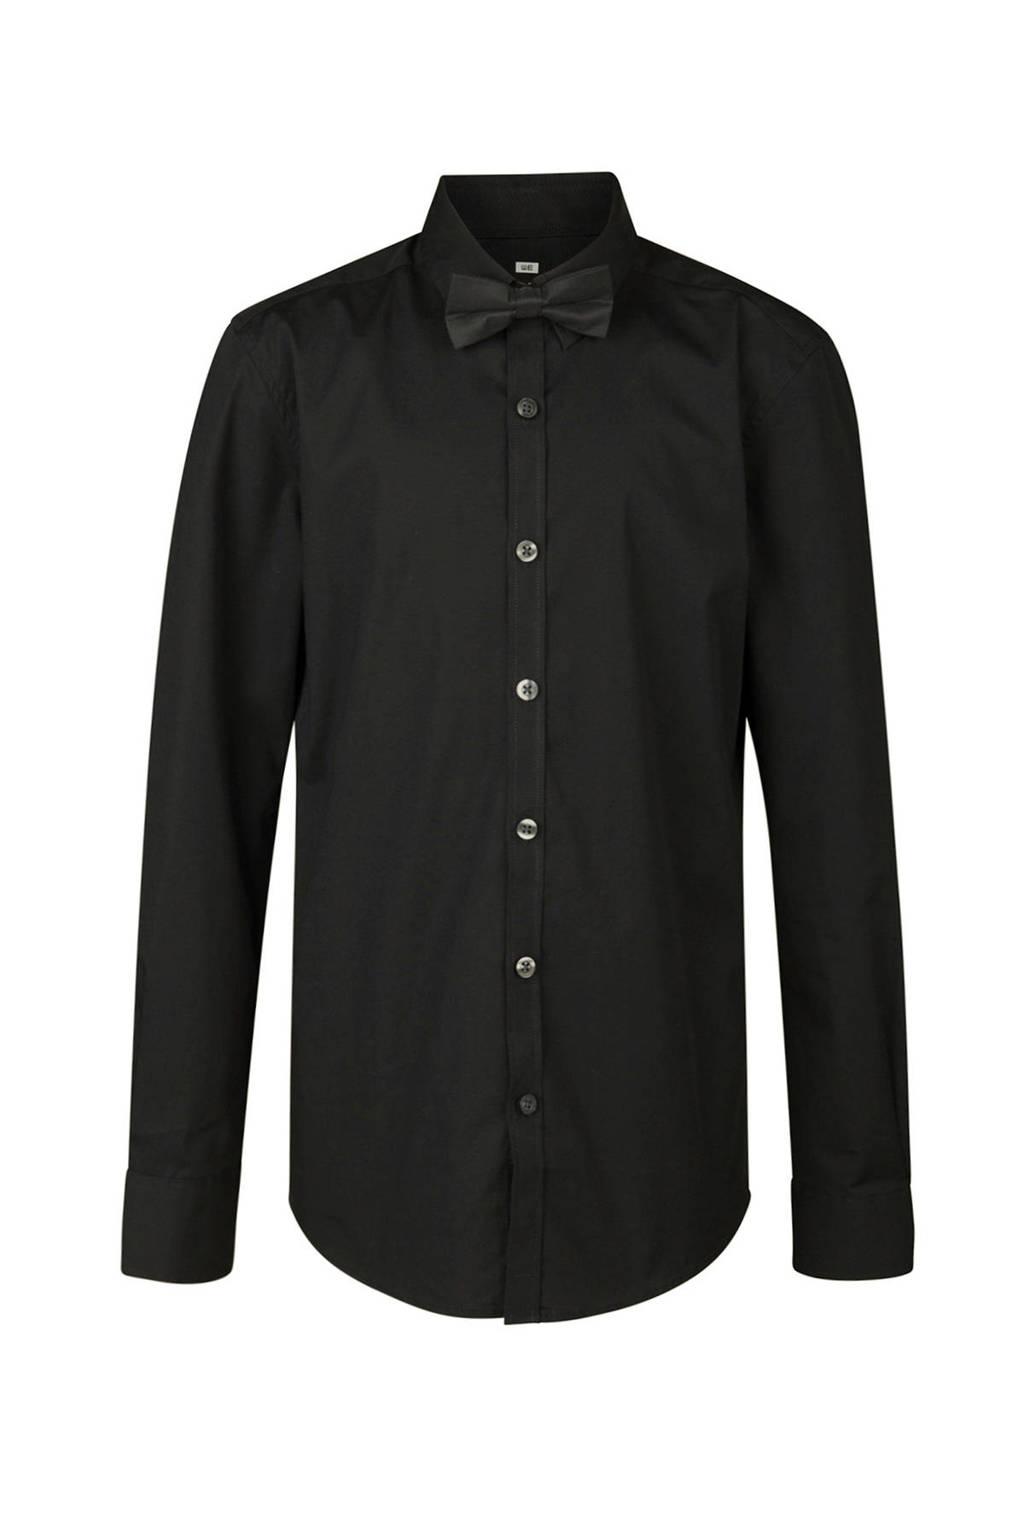 WE Fashion overhemd + vlinderstrik zwart, Zwart